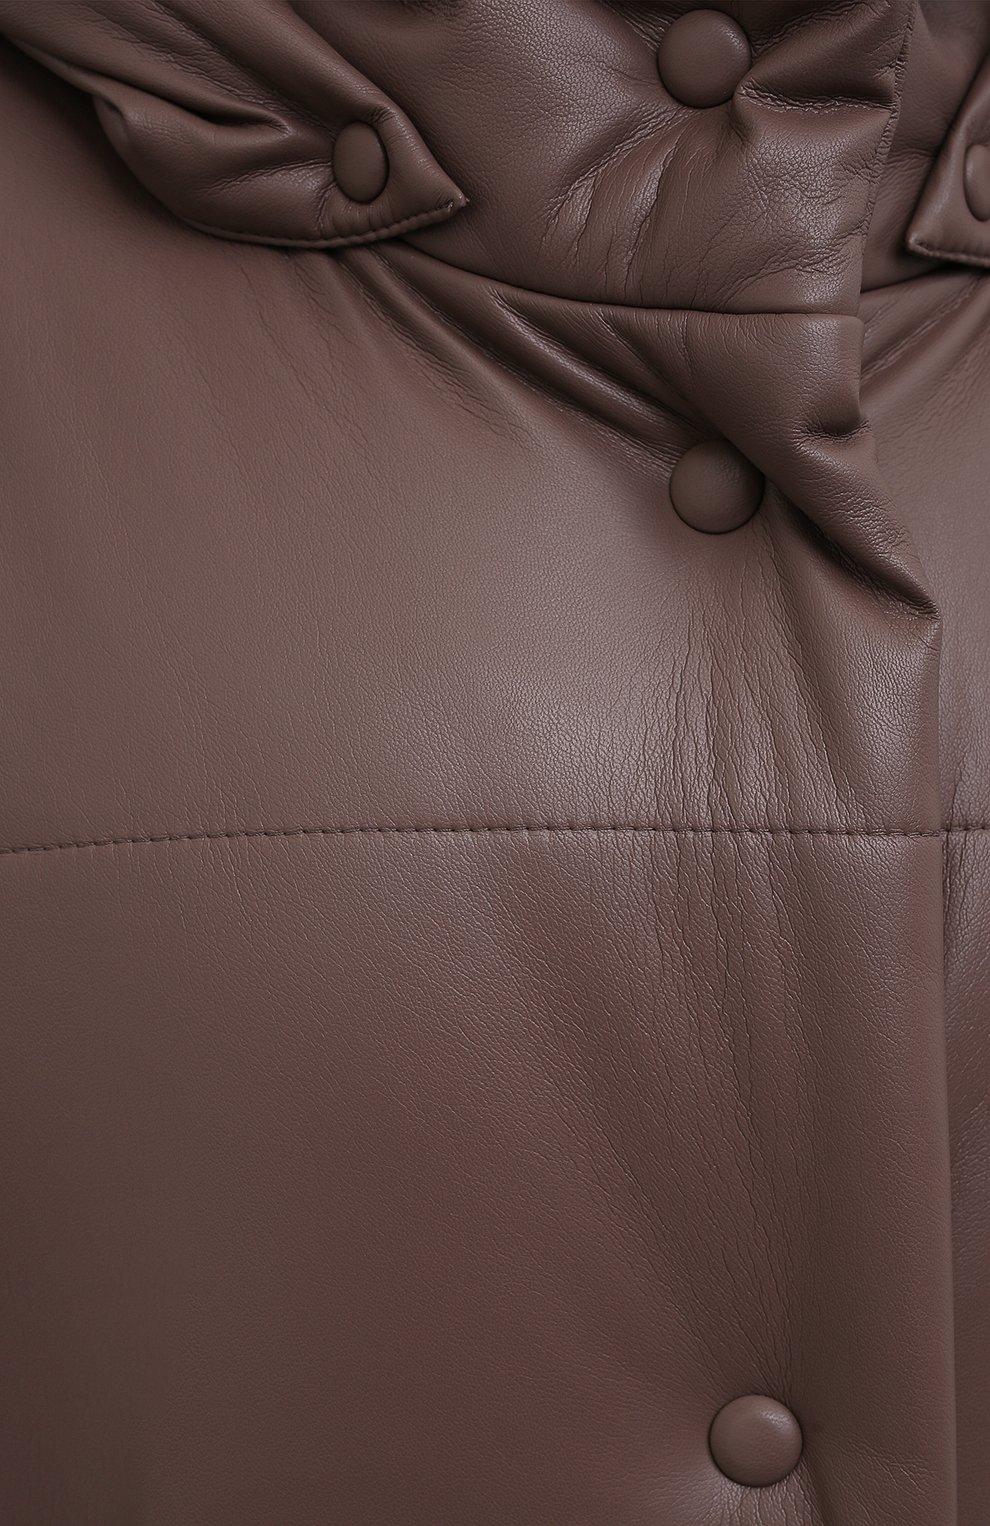 Женская утепленная куртка из экокожи NANUSHKA коричневого цвета, арт. NW21PF0W00995   Фото 5 (Кросс-КТ: Куртка; Рукава: Длинные; Стили: Гламурный; Длина (верхняя одежда): До колена; Материал внешний: Синтетический материал; Материал подклада: Вискоза)